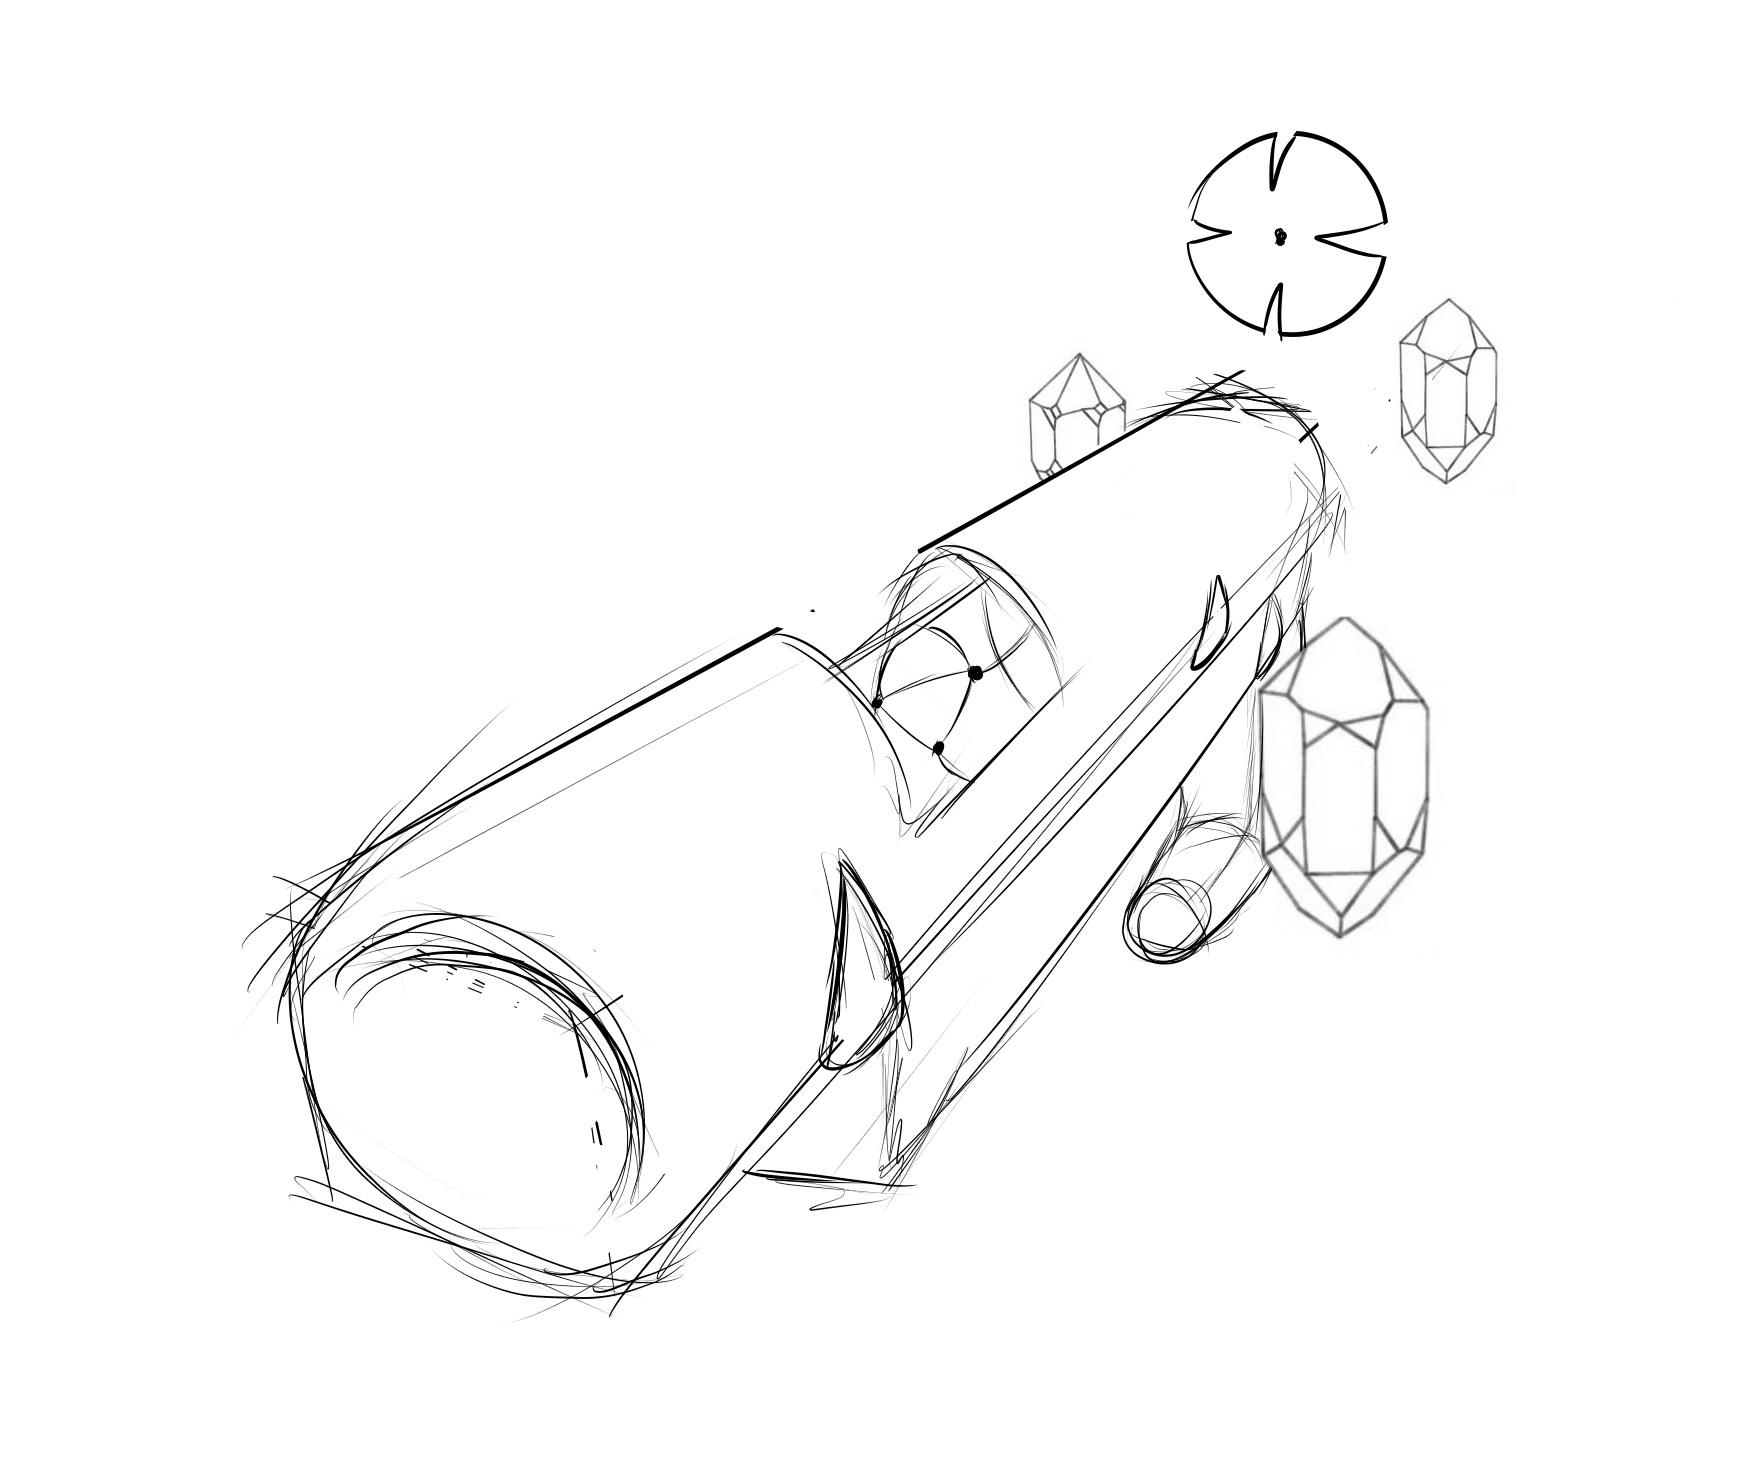 Chrystal-gun-0-RazorShark-concept.jpg